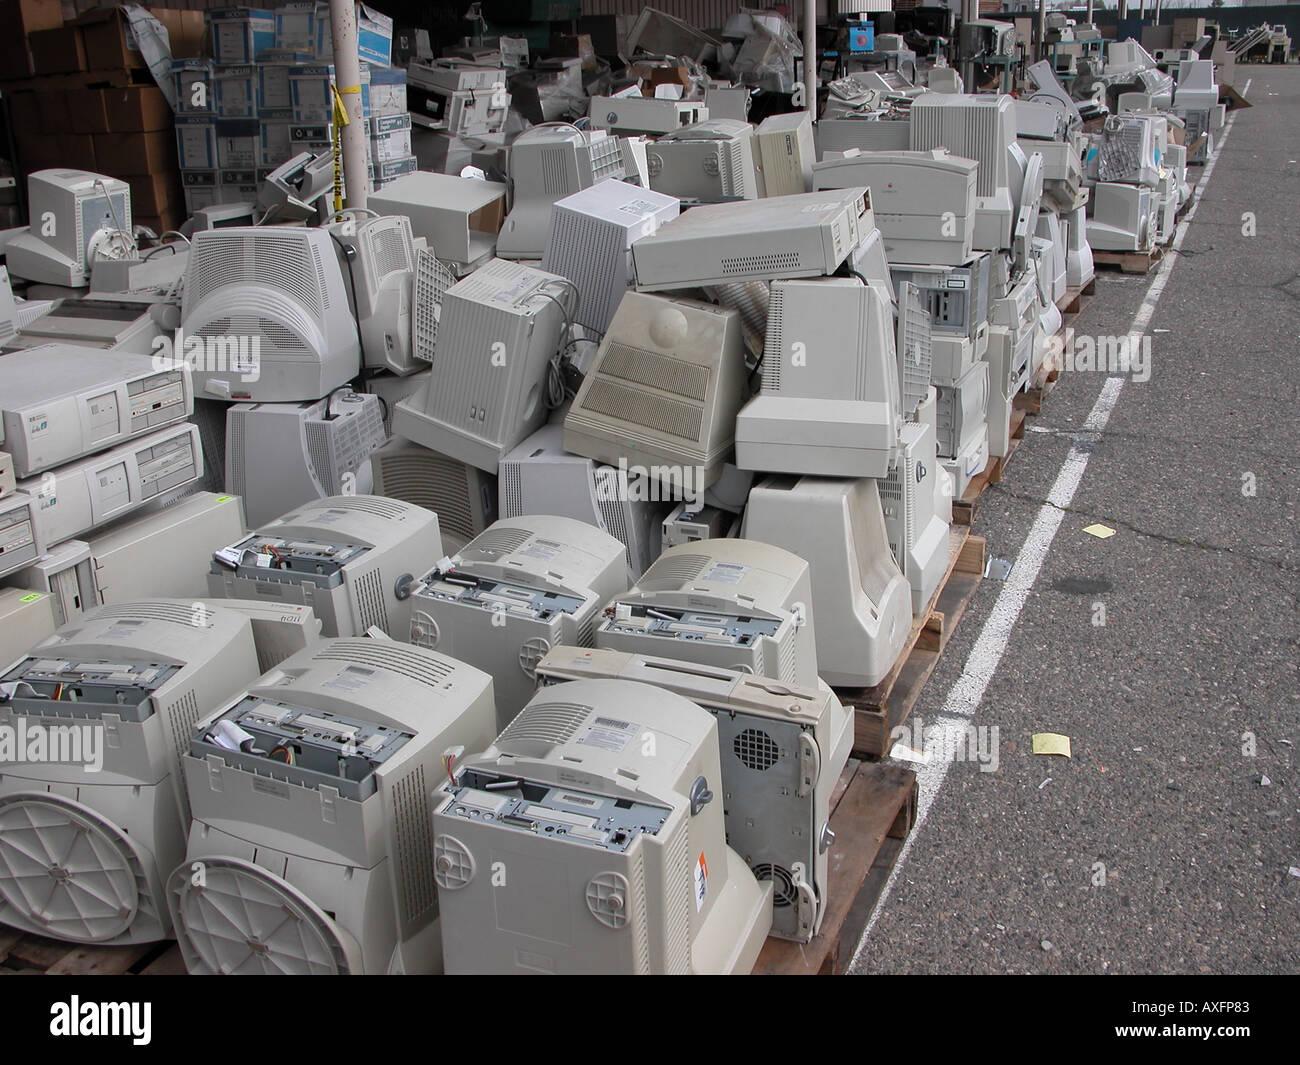 Les déchets électroniques à Fresno, Californie une cour d'entreposage Photo Stock